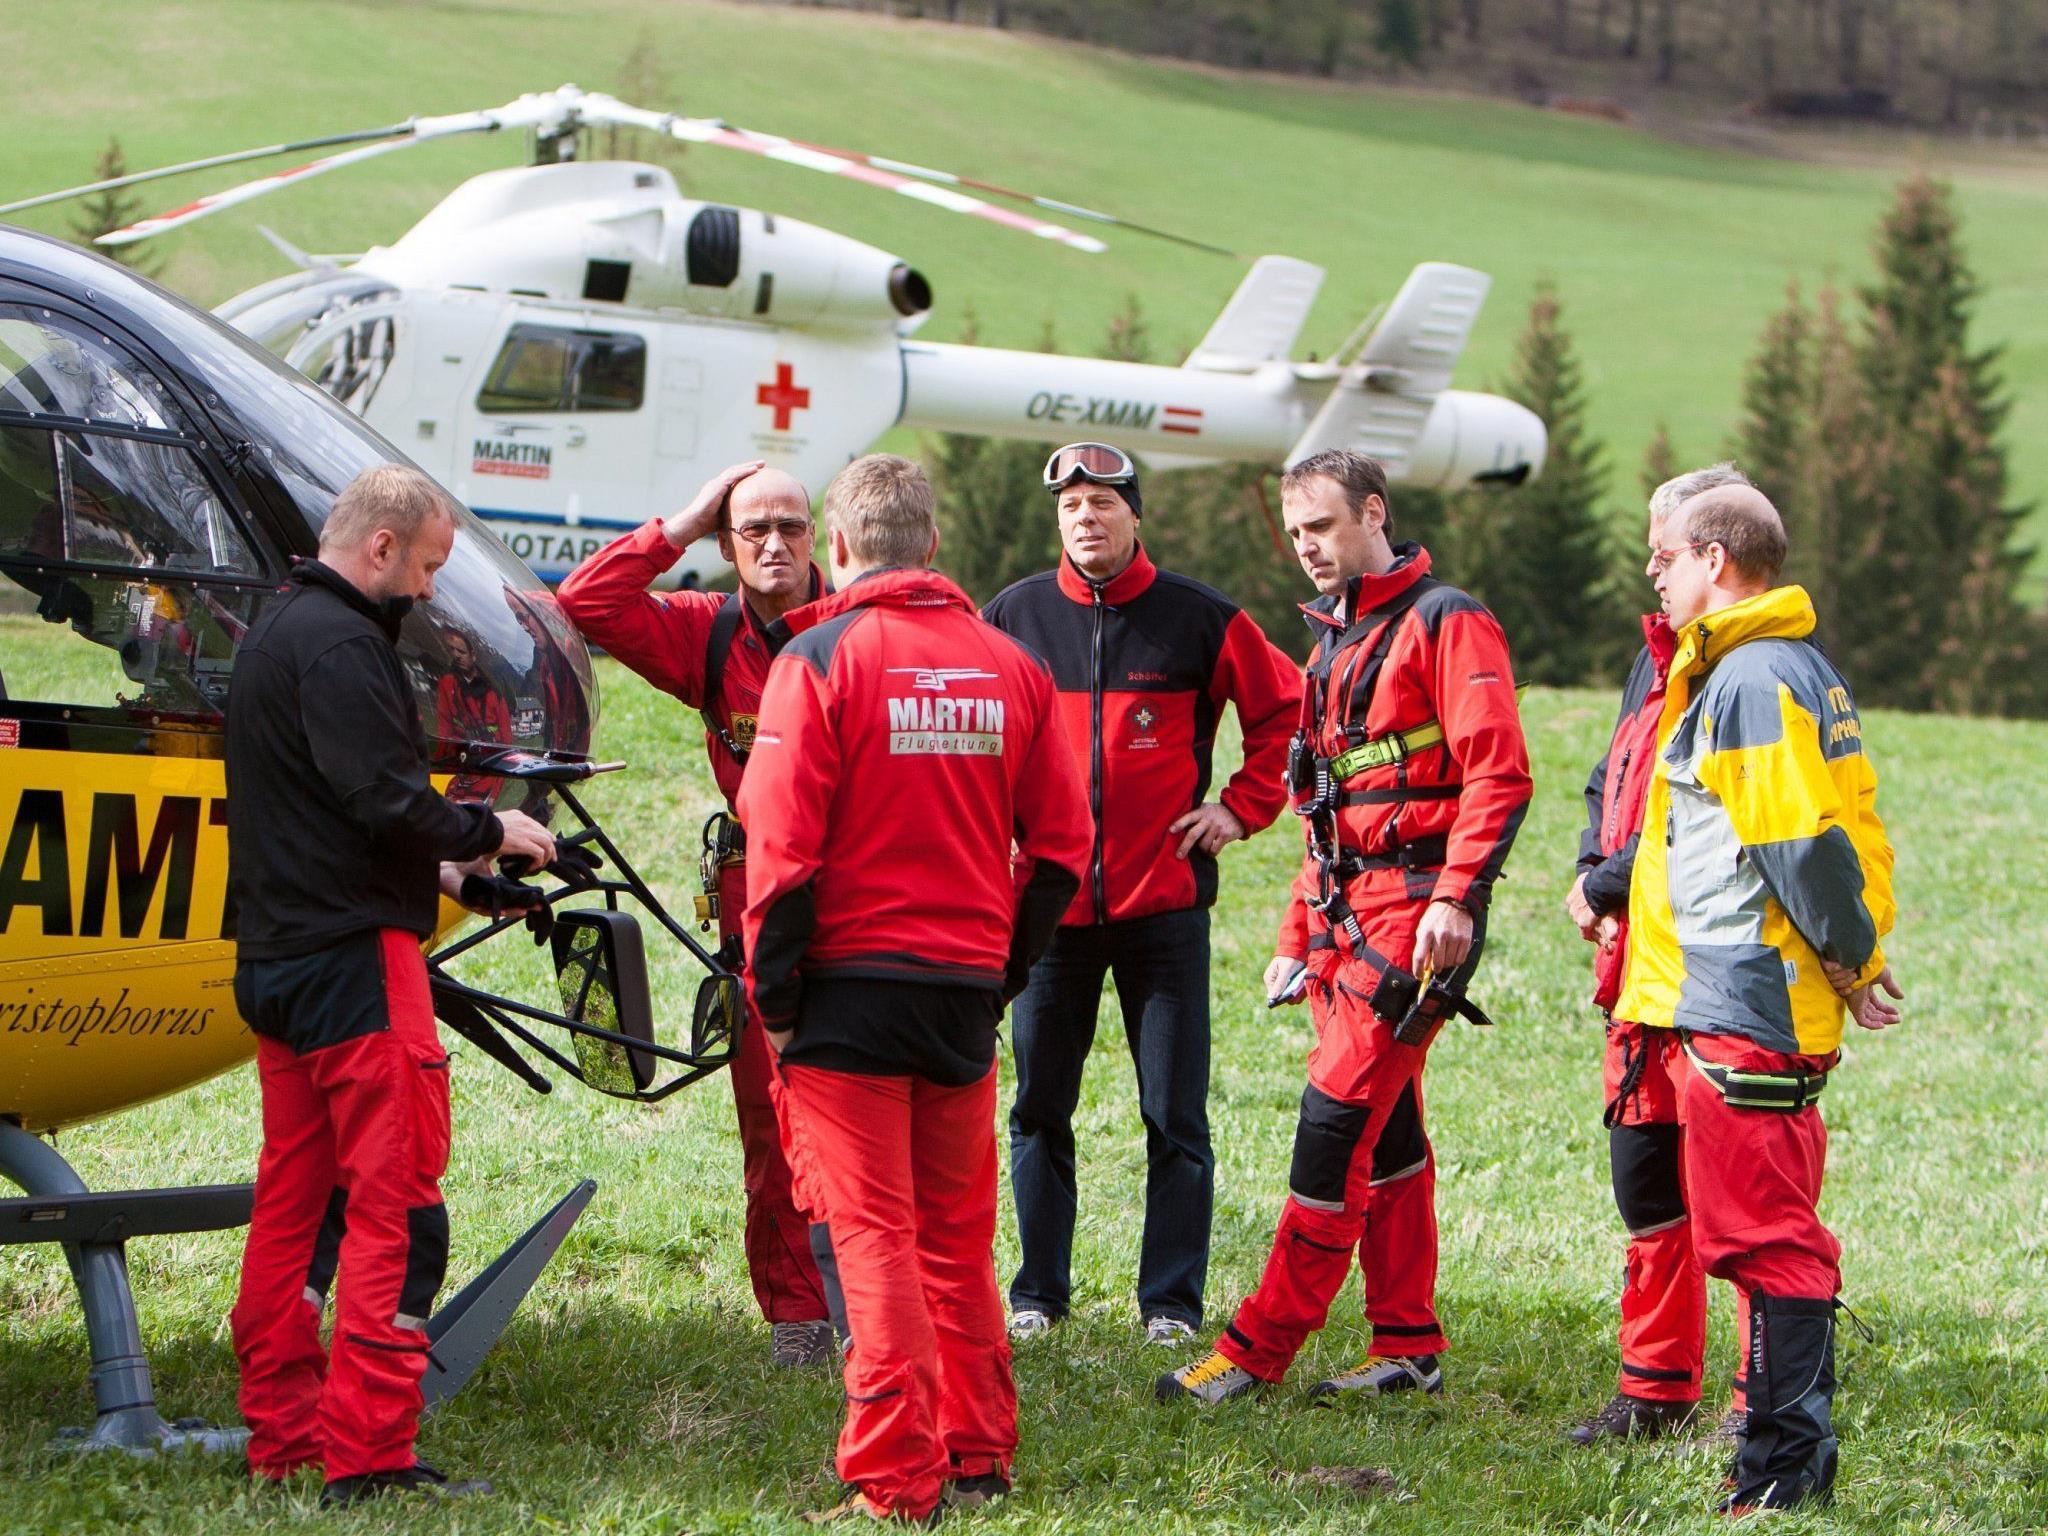 Bestürzung bei den Flugrettern im Tal nach dem tödlichen Unfall.